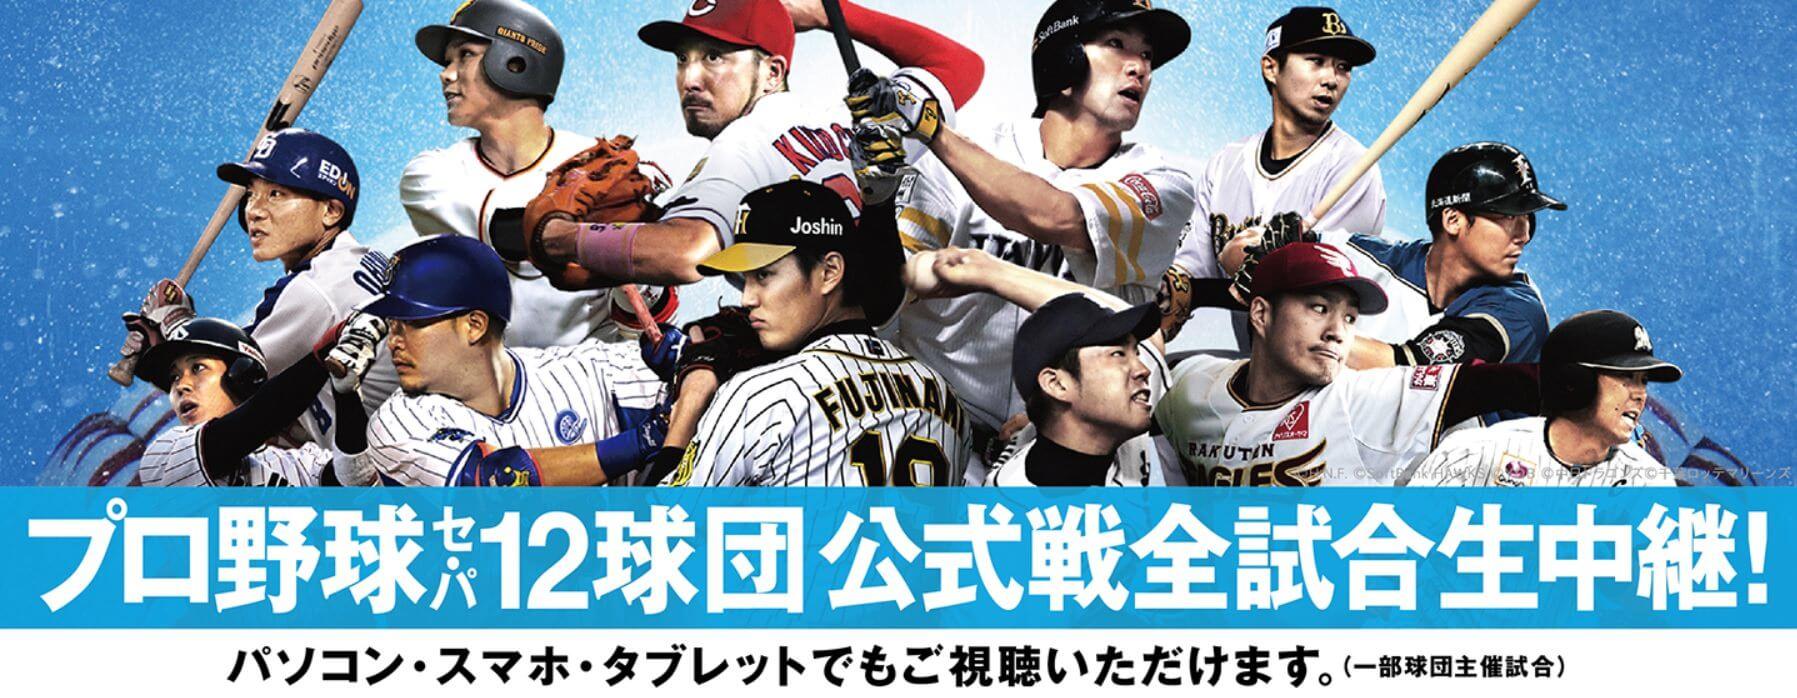 スカパー!プロ野球セットの評判・口コミと料金まとめ!12球団全試合生中継!